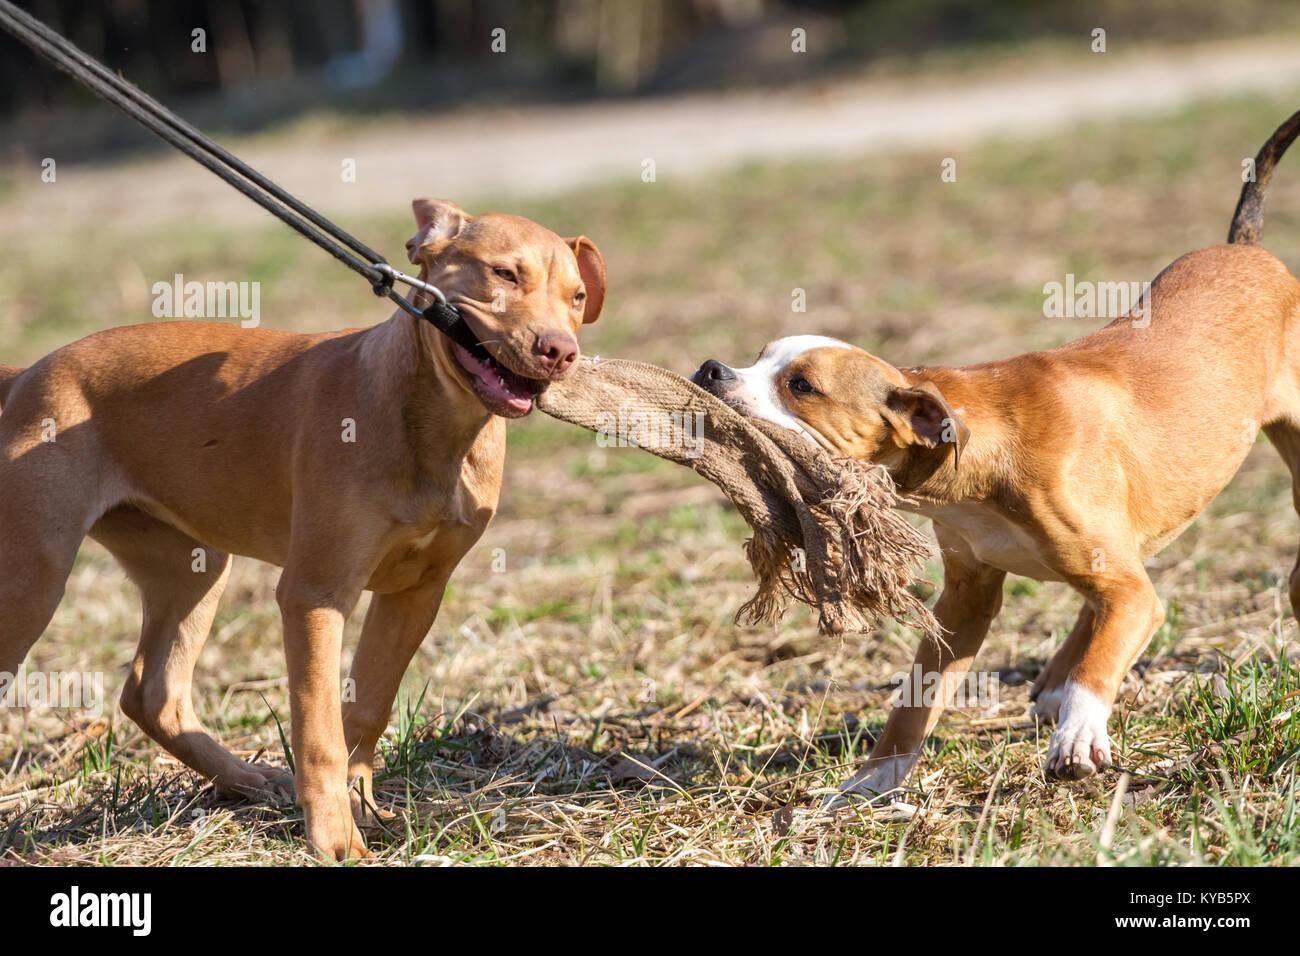 Dos cachorros jugando y tirando un juguete en un soleado día de primavera Imagen De Stock